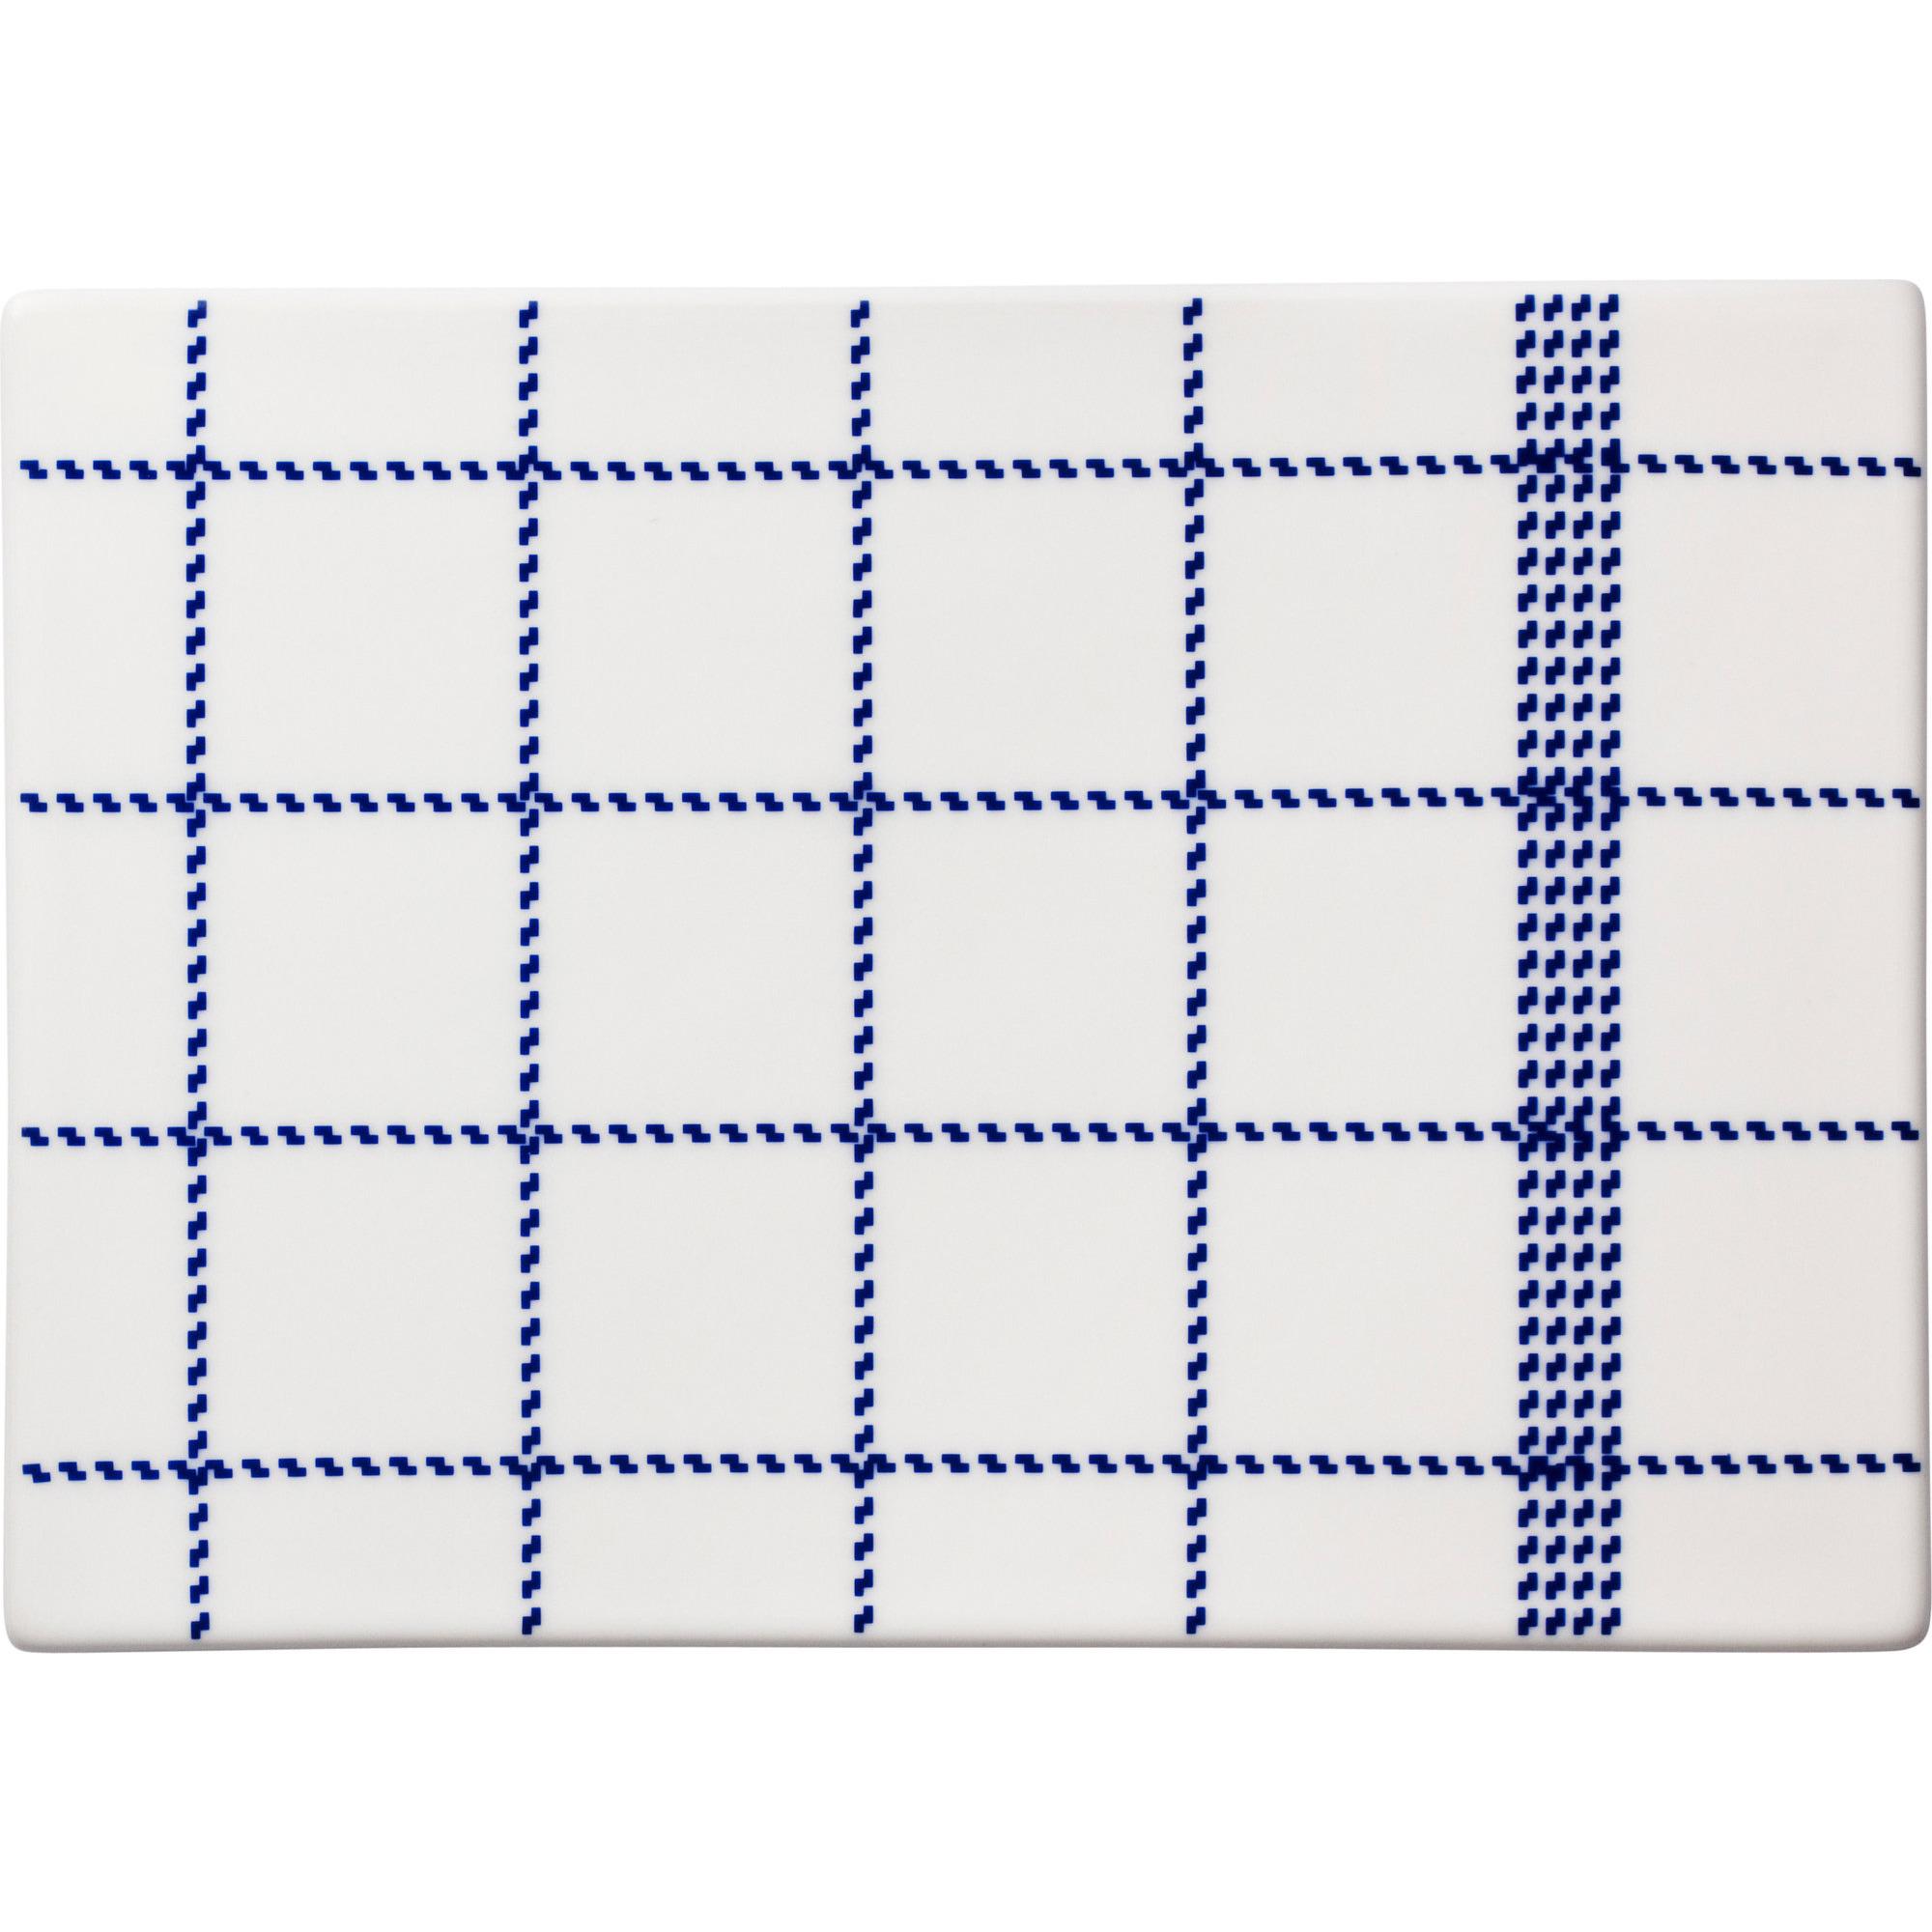 Normann Copenhagen Mormor Blue Buttering Board Lar